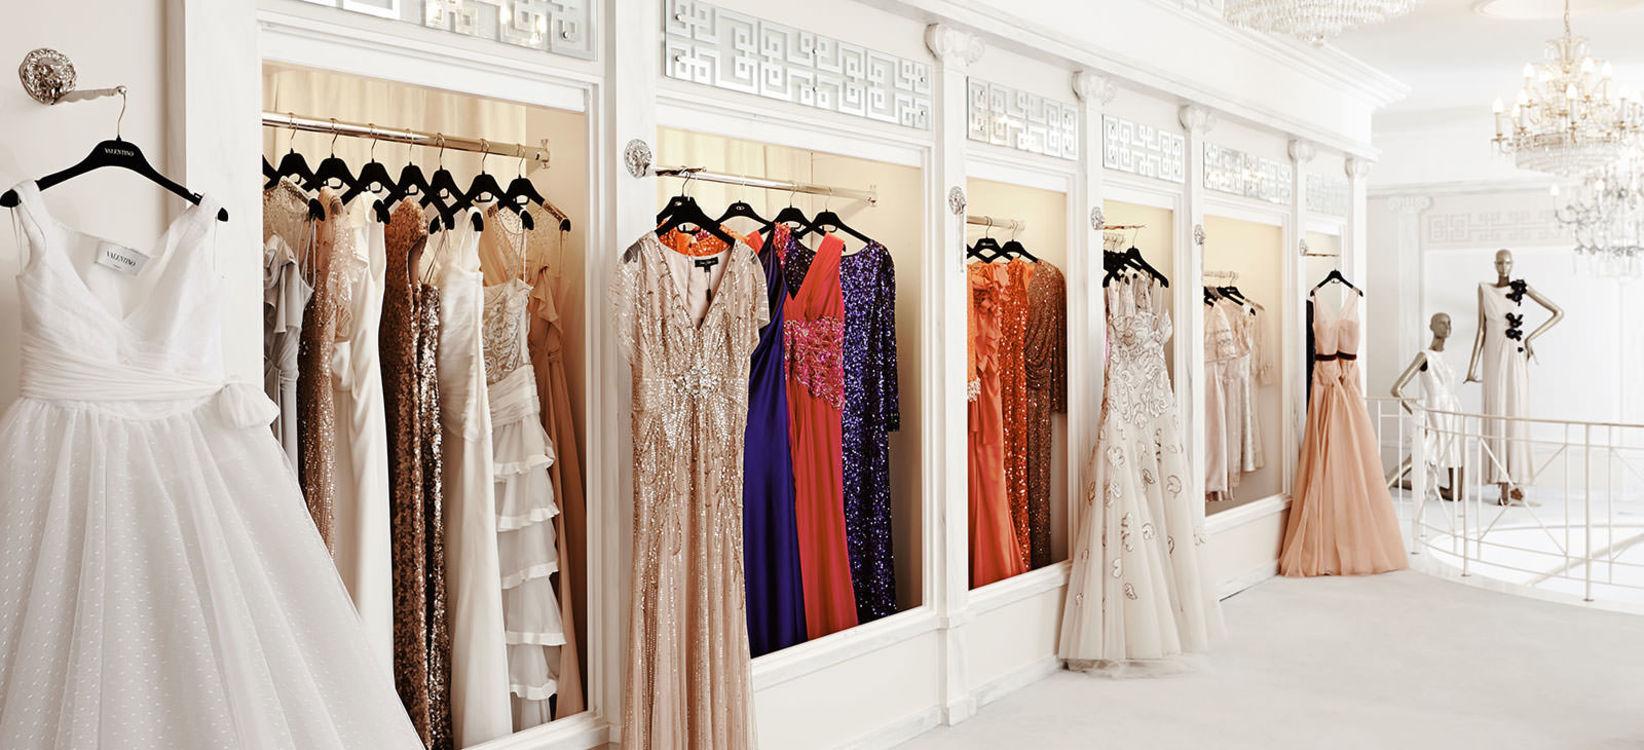 Max Dietl Haute Couture na Munique (Bild 6)